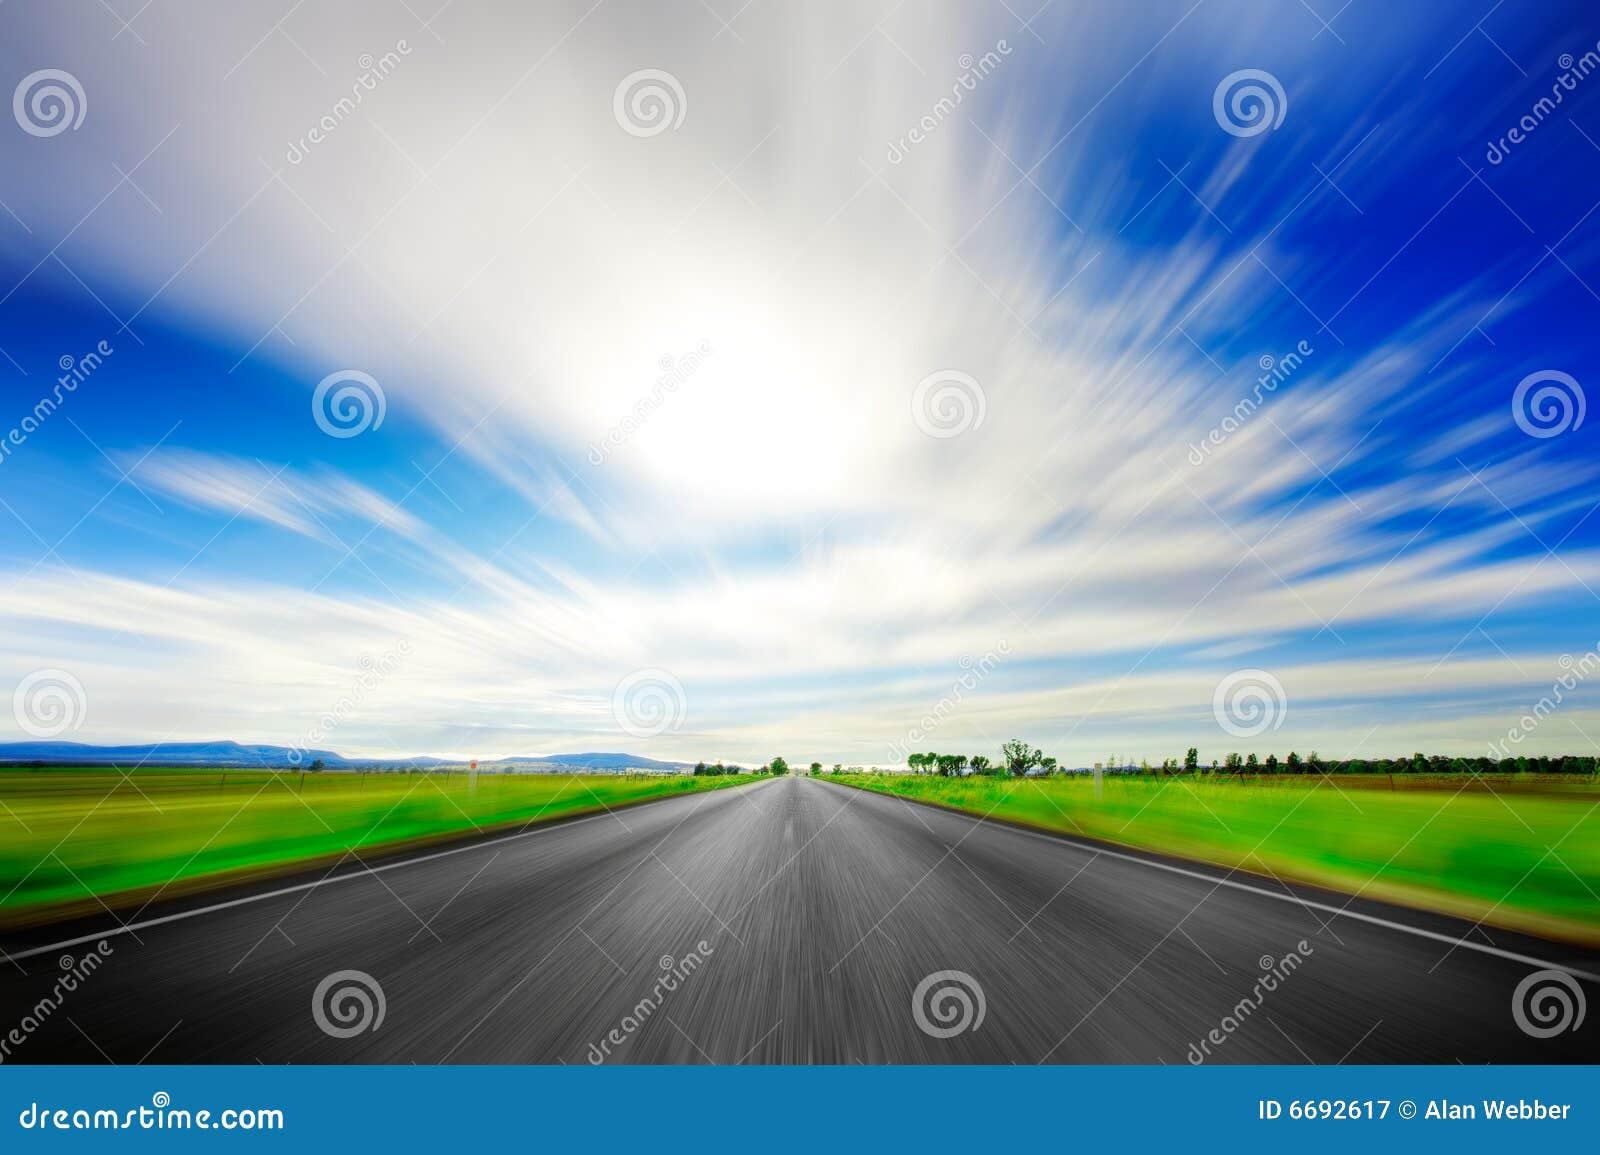 Ahead road